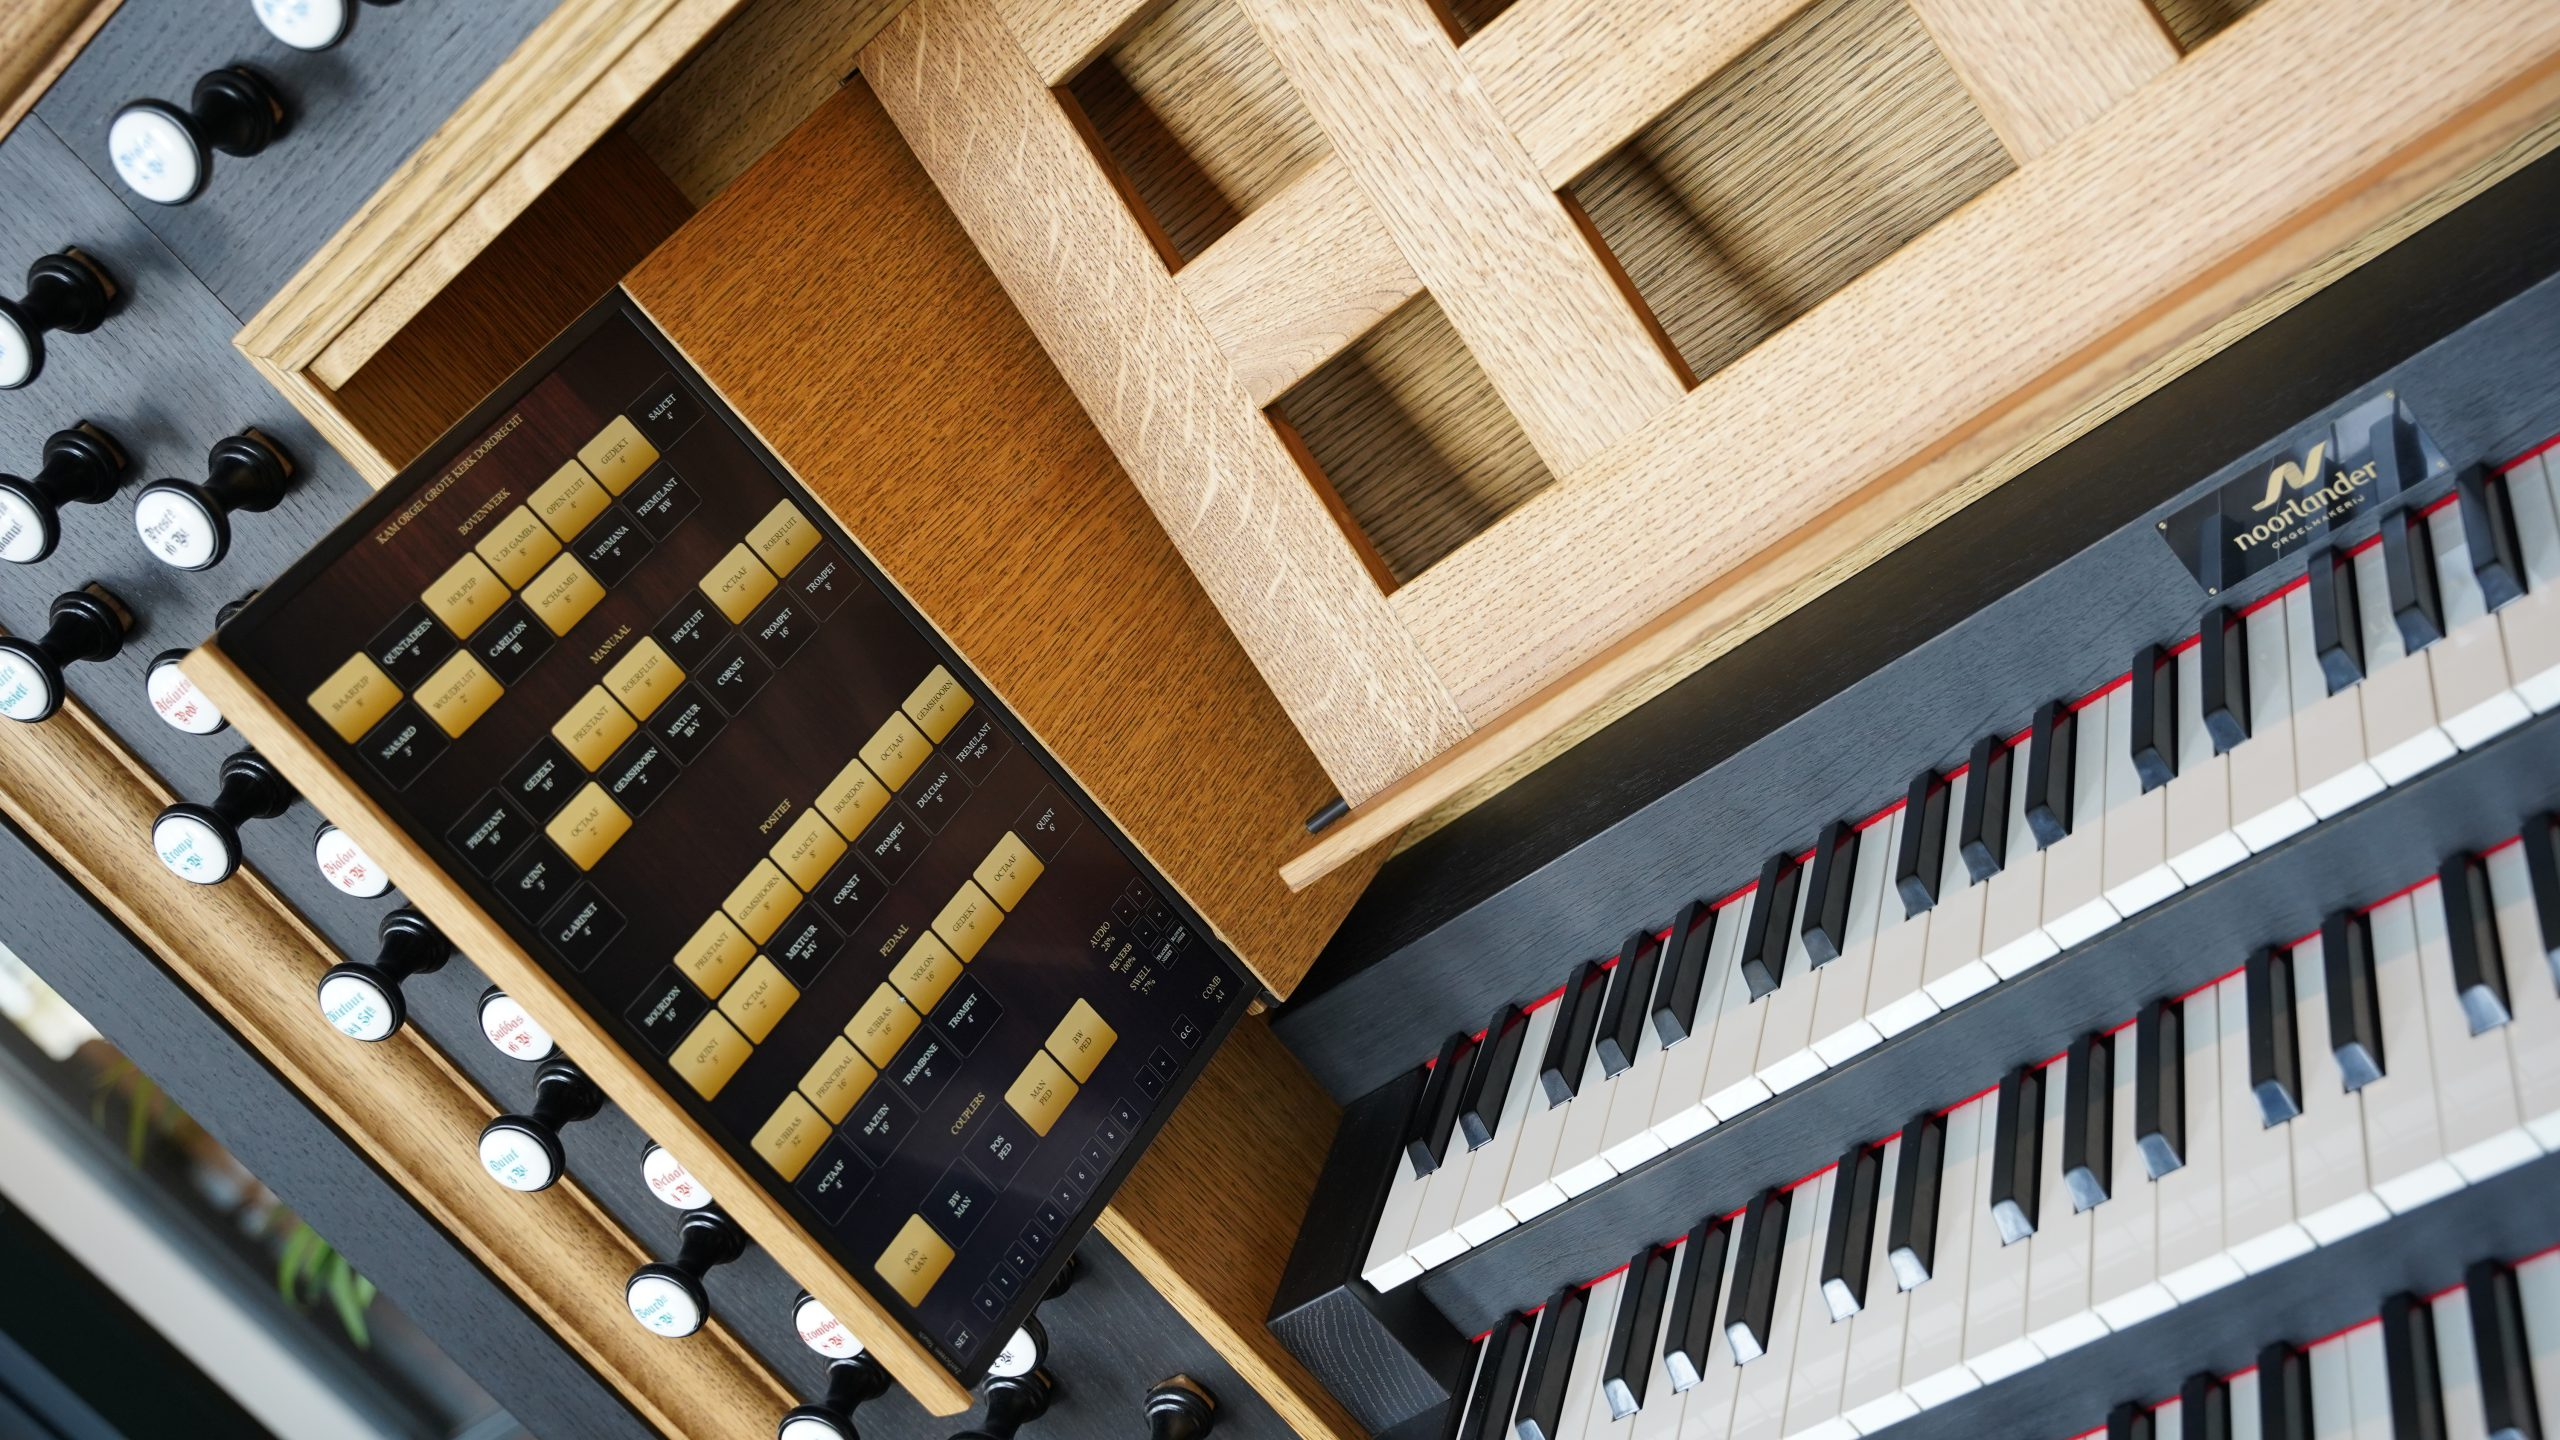 Iconics Orgelmakerij Noorlander